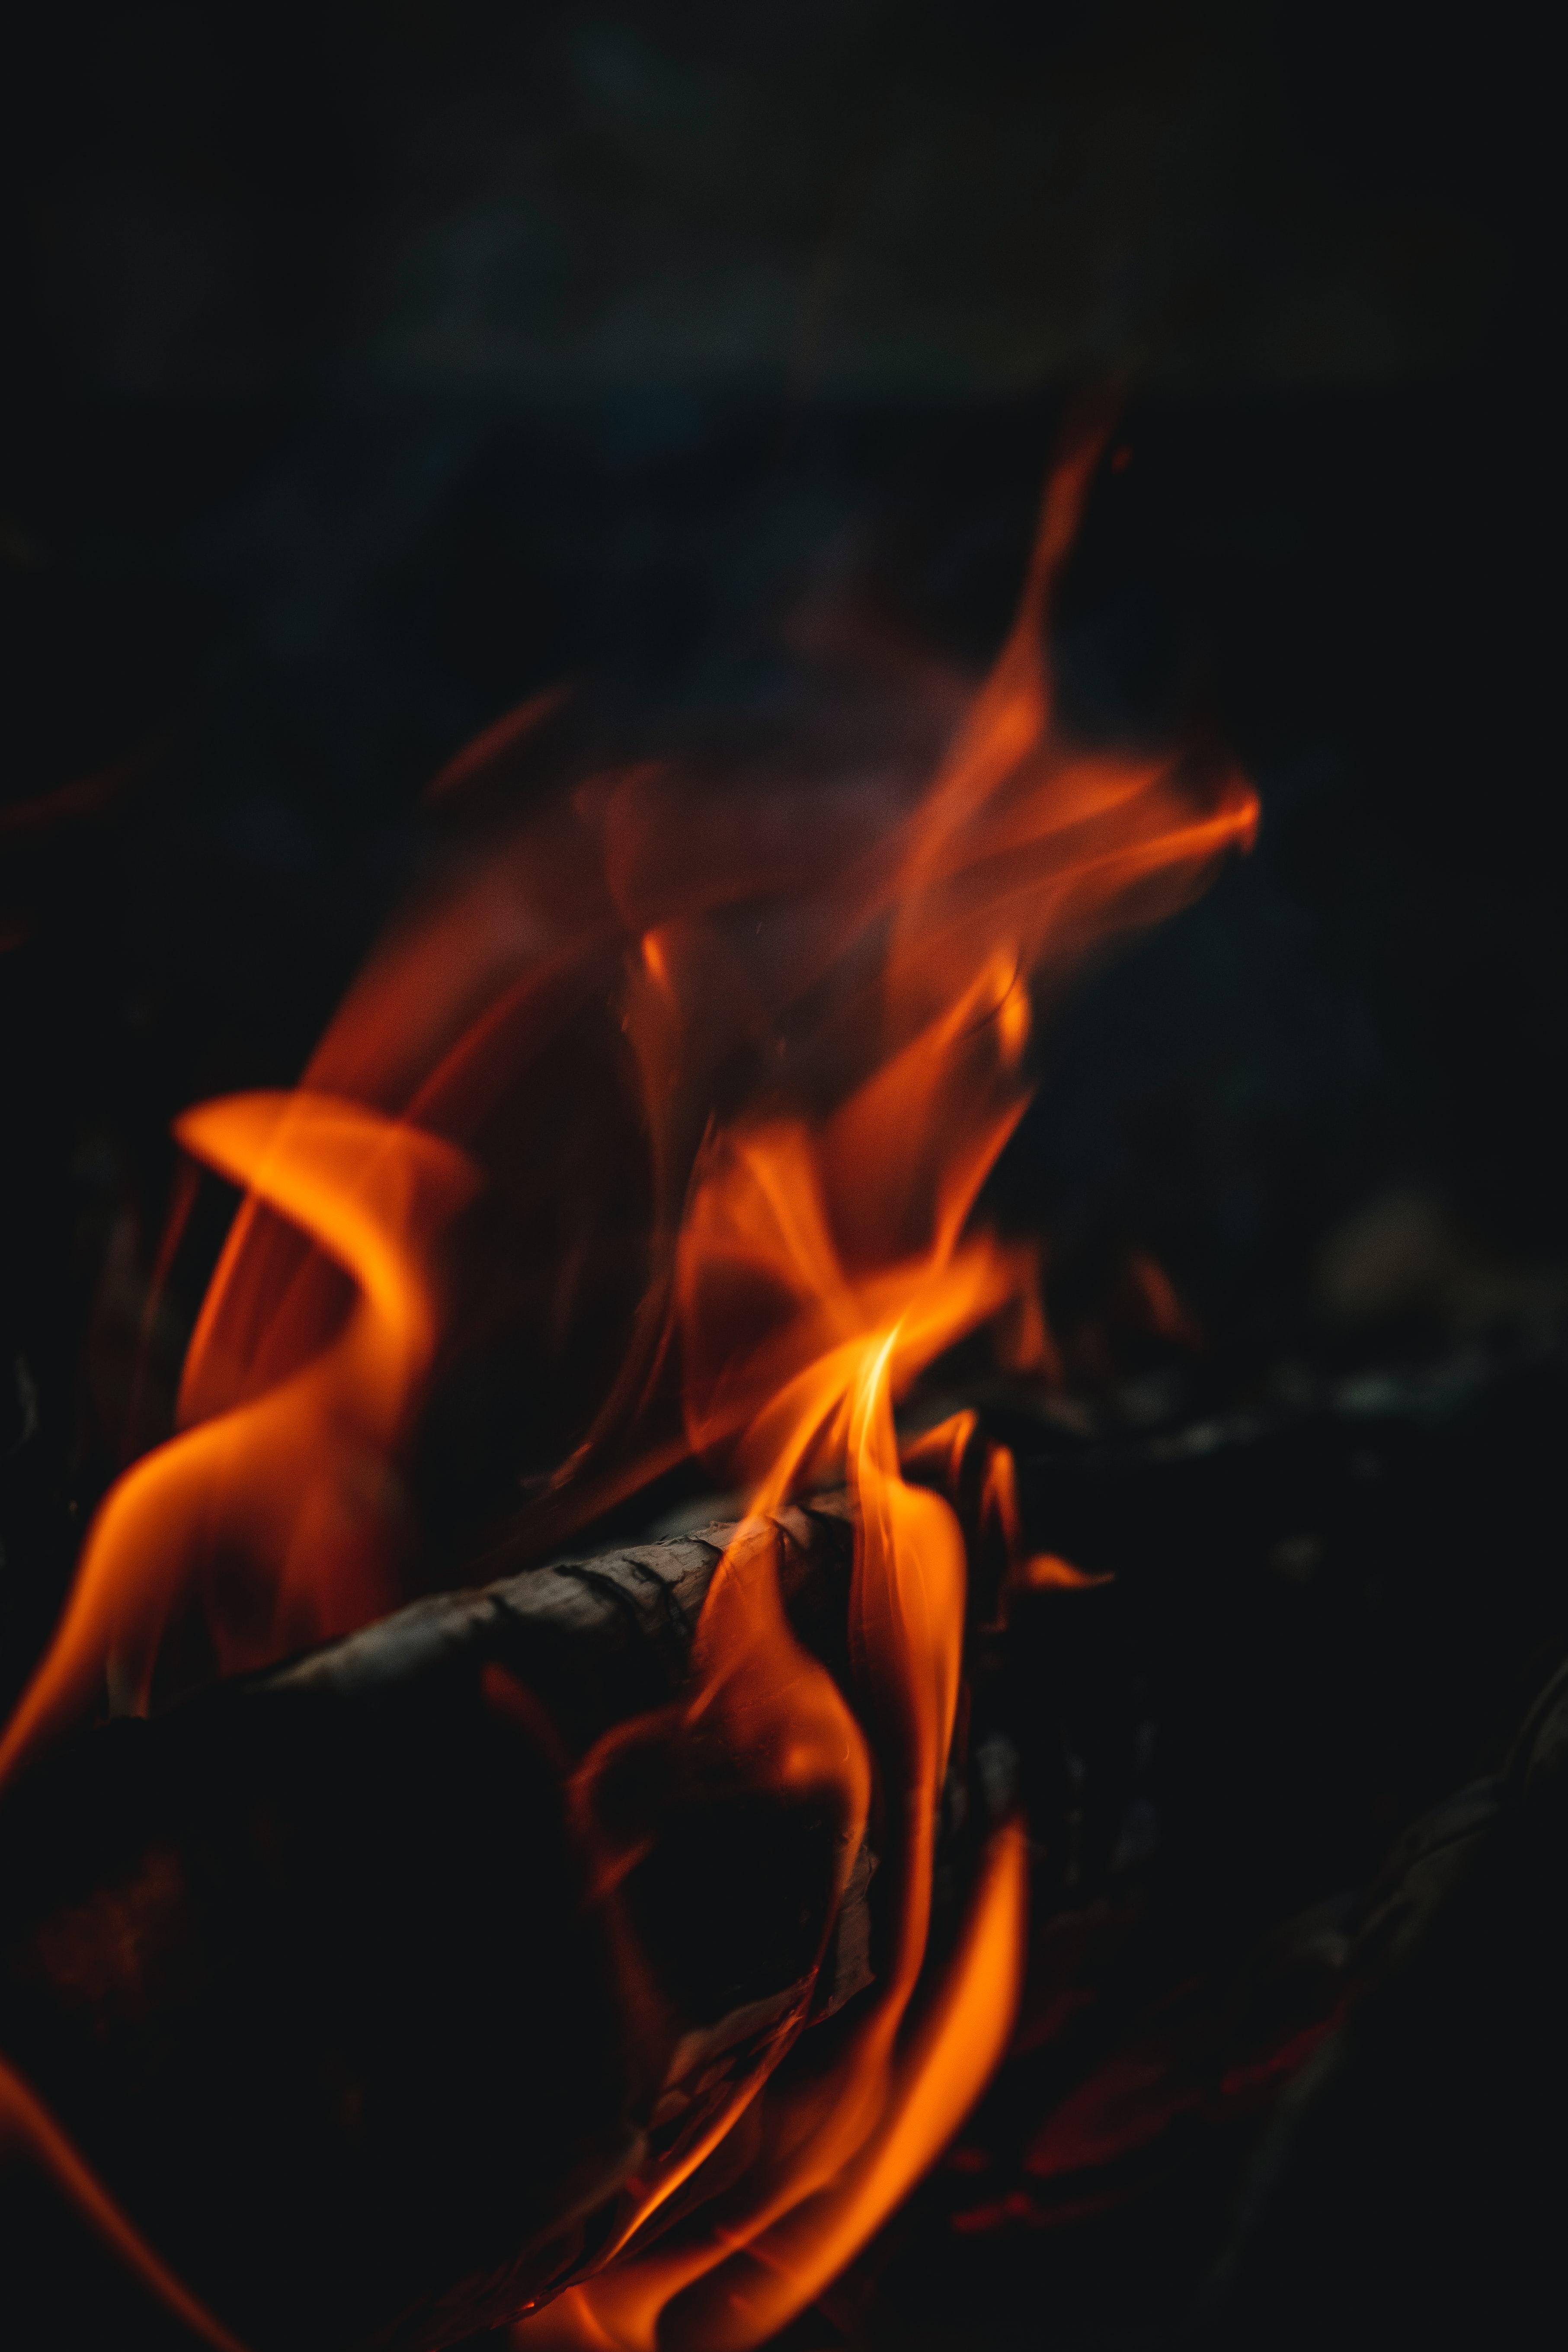 88947 免費下載壁紙 黑暗的, 黑暗, 火, 篝火, 火焰, 特写 屏保和圖片